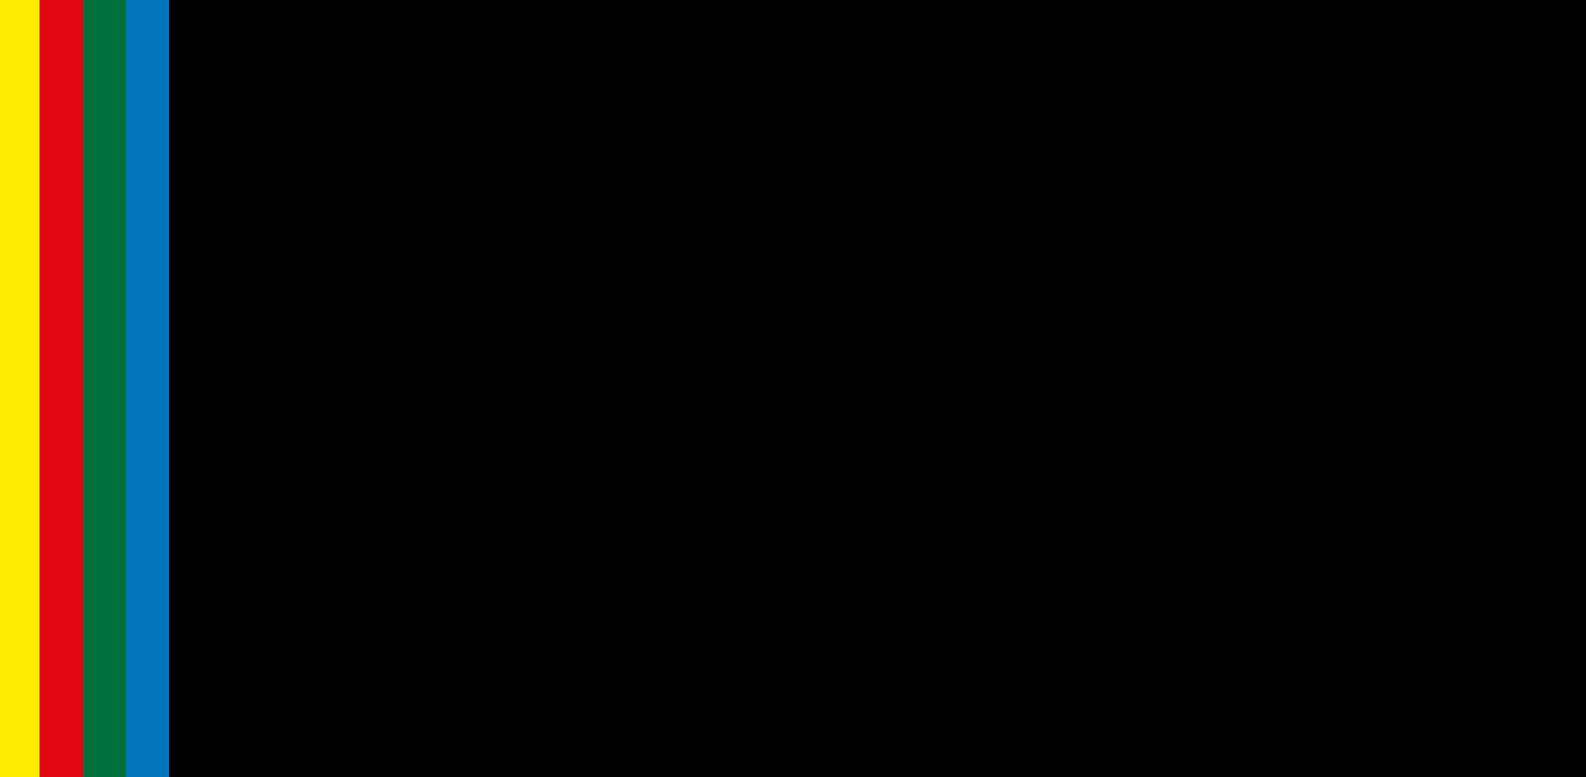 logo for Associação das Universidades de Lingua Portuguesa